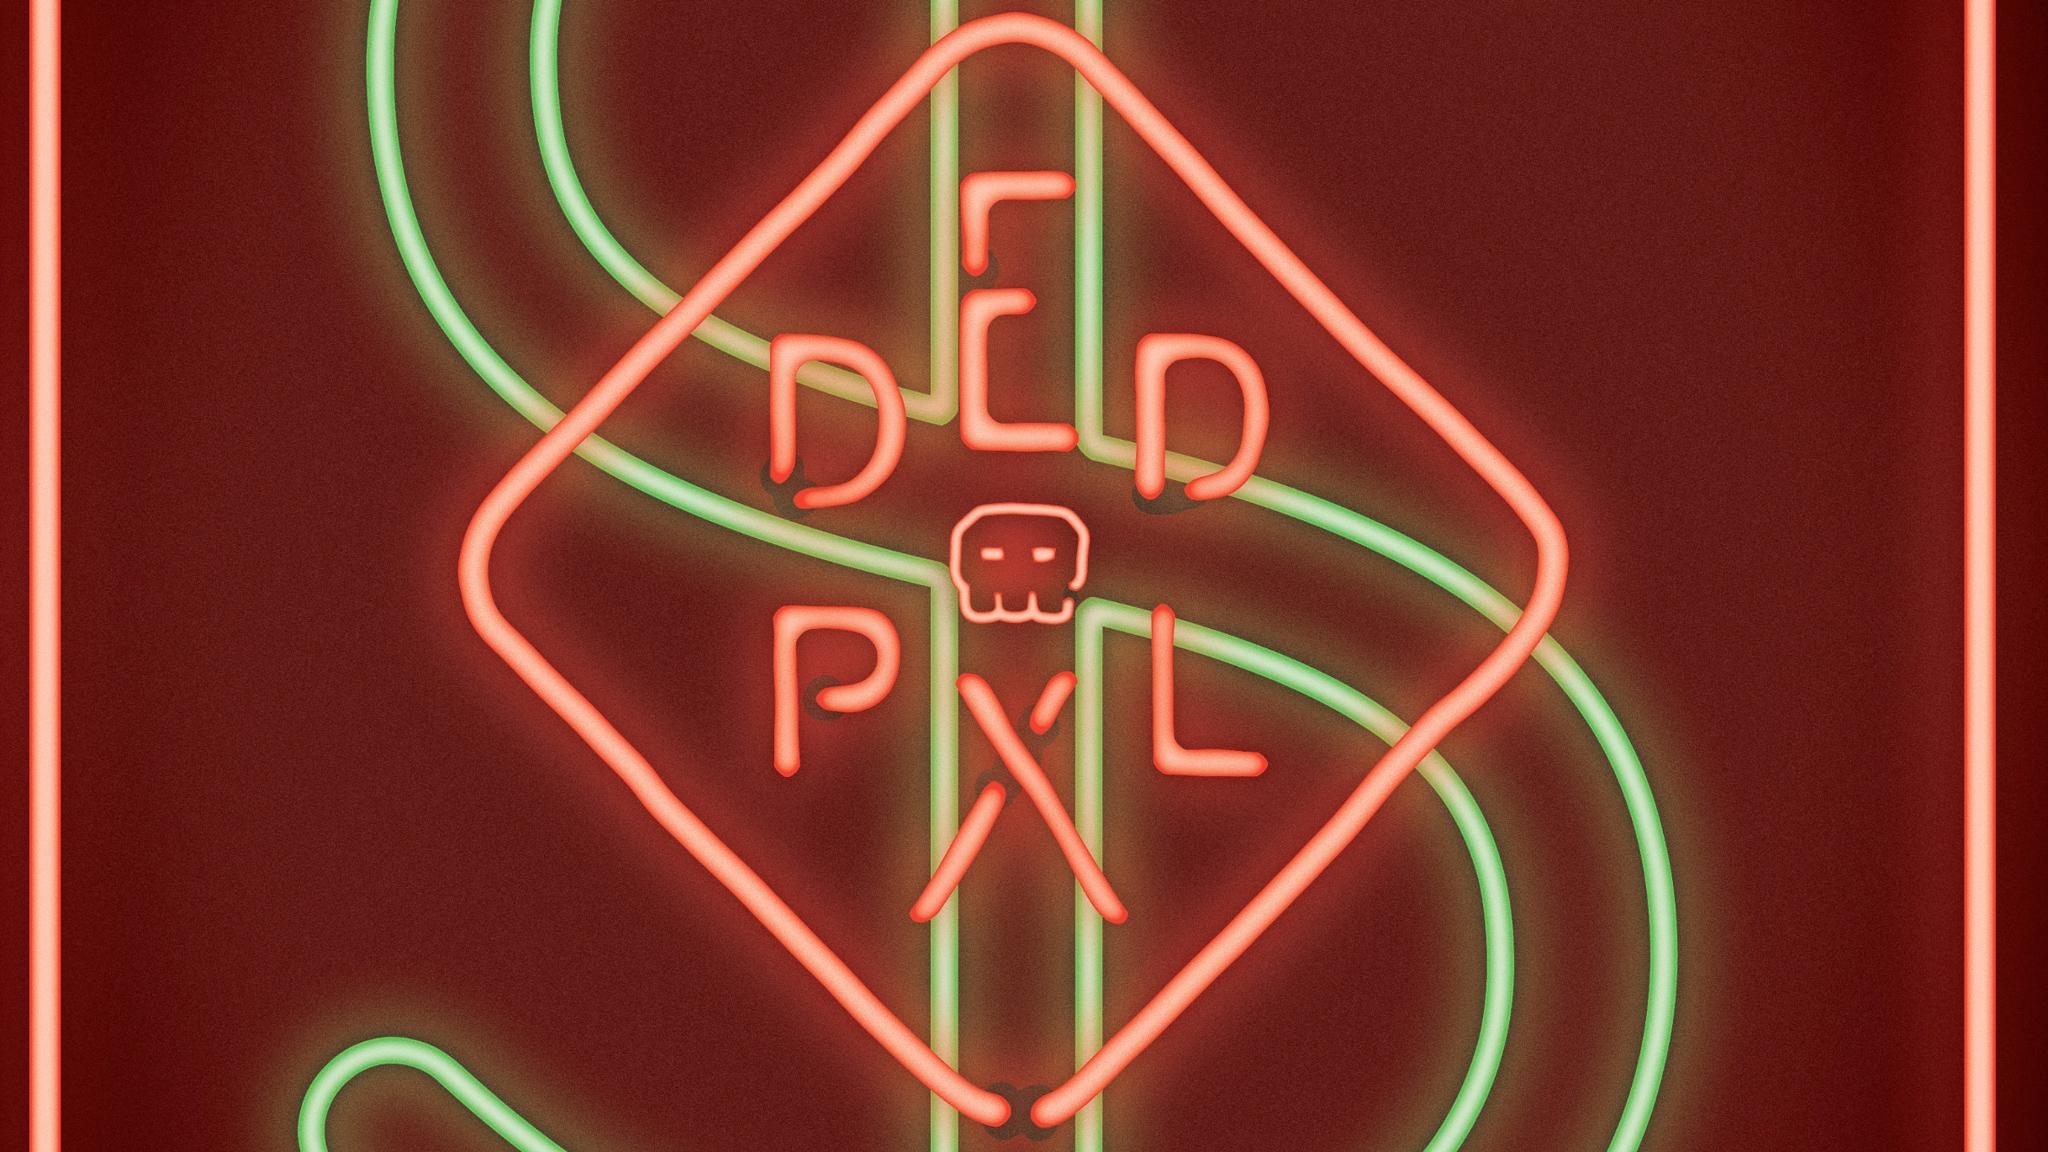 Dedpxl